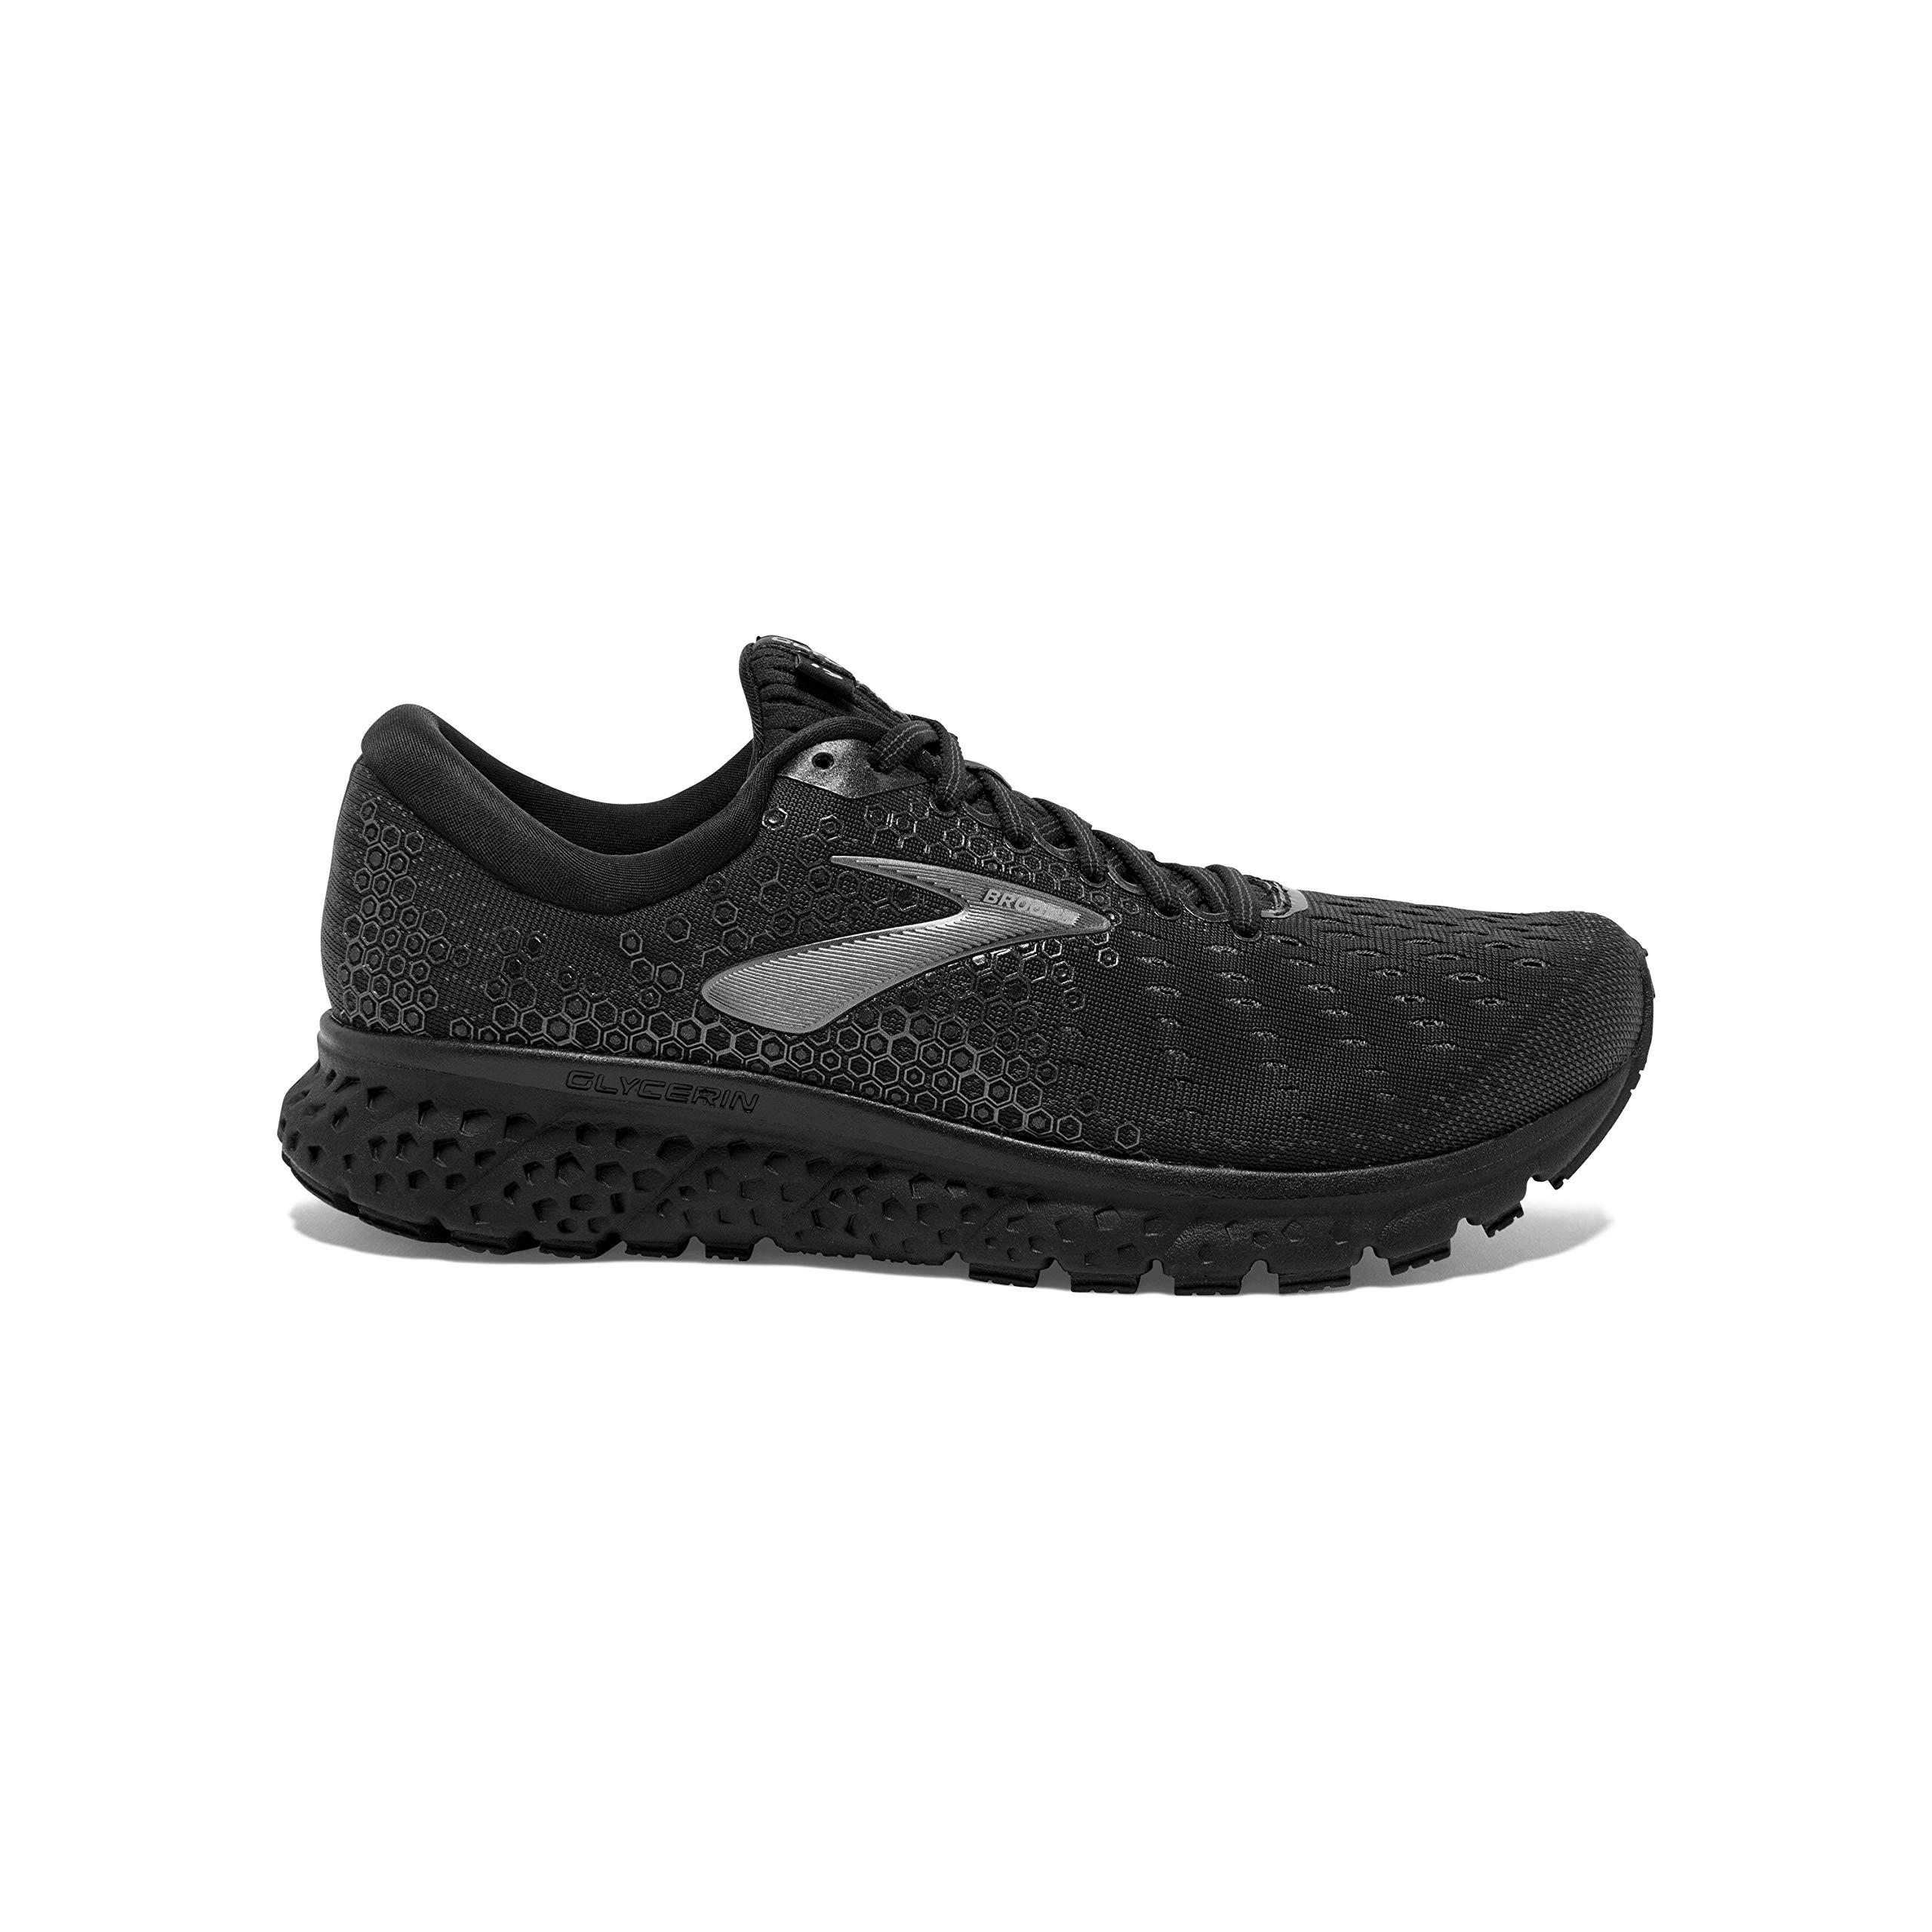 Brooks - Modelo Glycerin 17 - Zapatillas para hombre, Negro (Negro/Ébano), 42 EU: Amazon.es: Deportes y aire libre